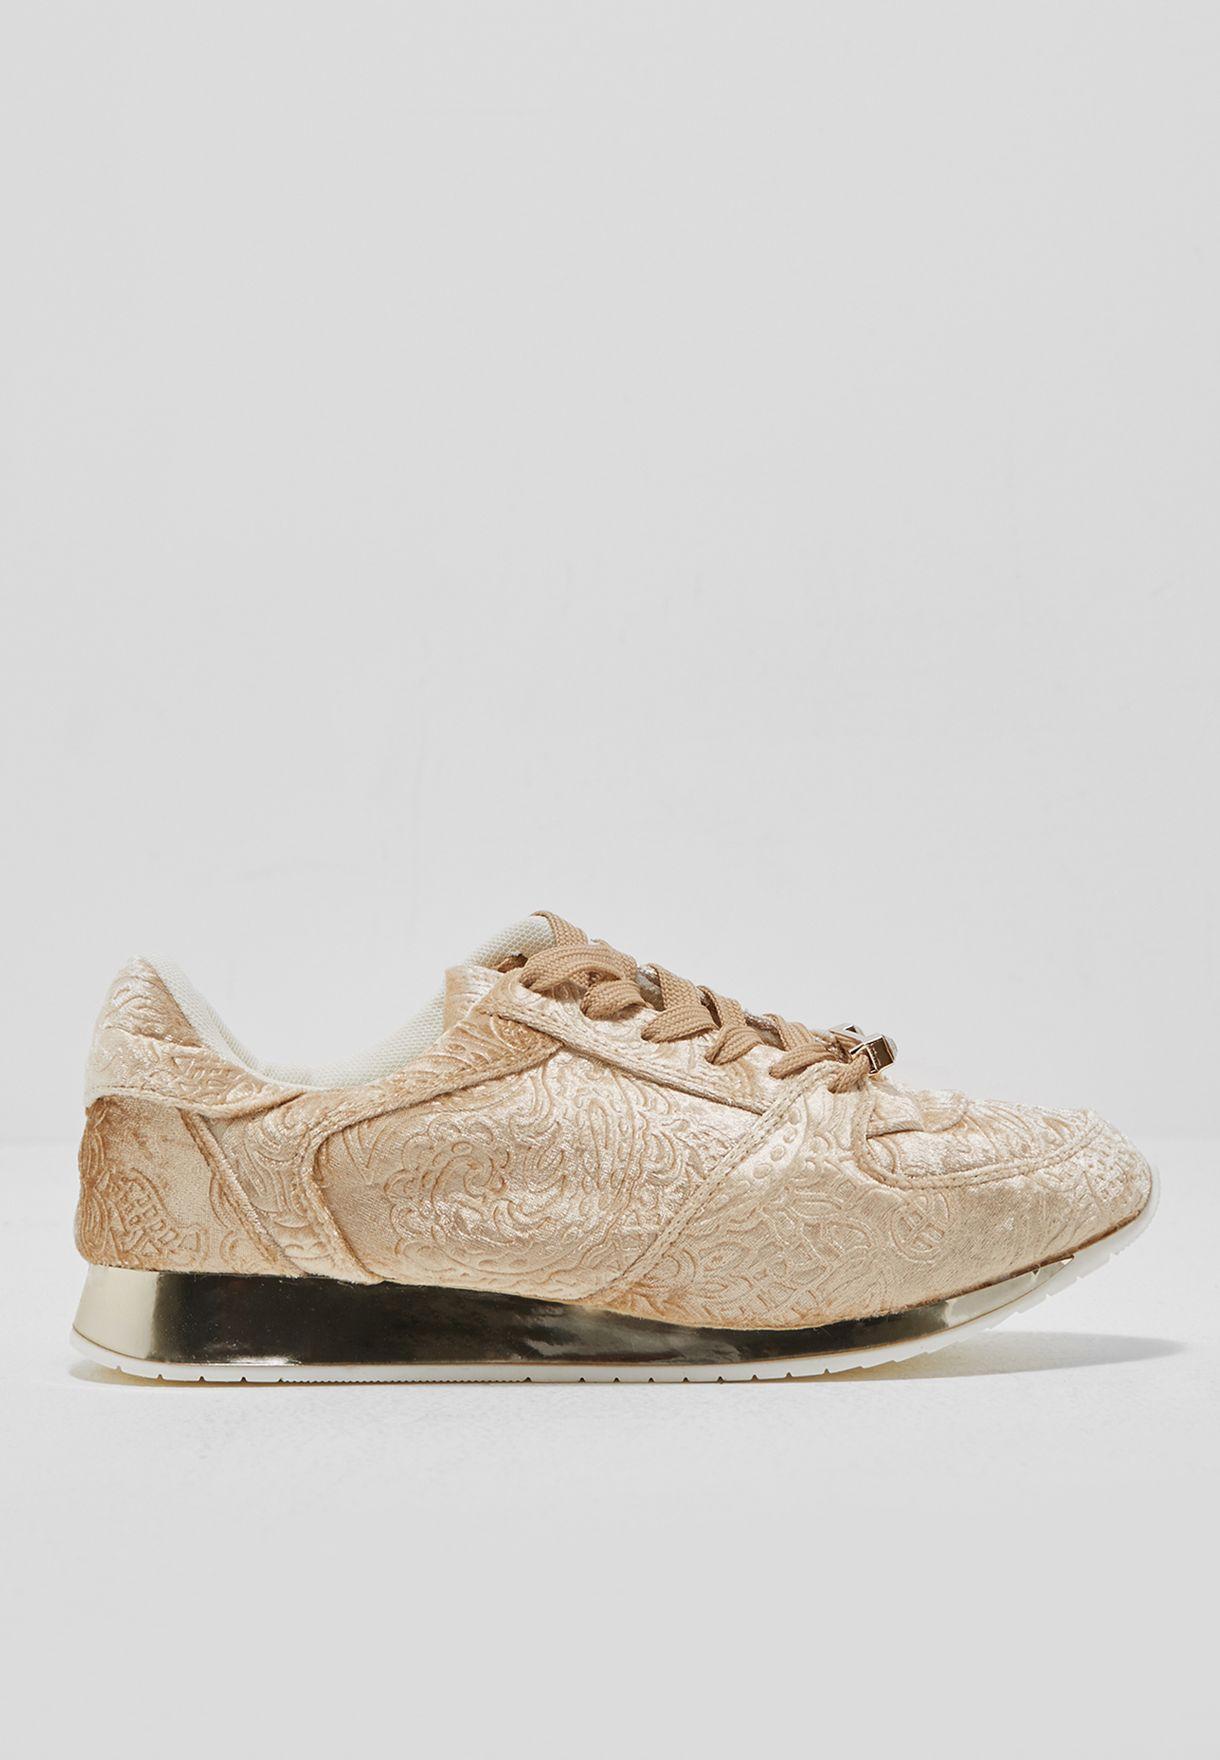 Velvet low top sneakers